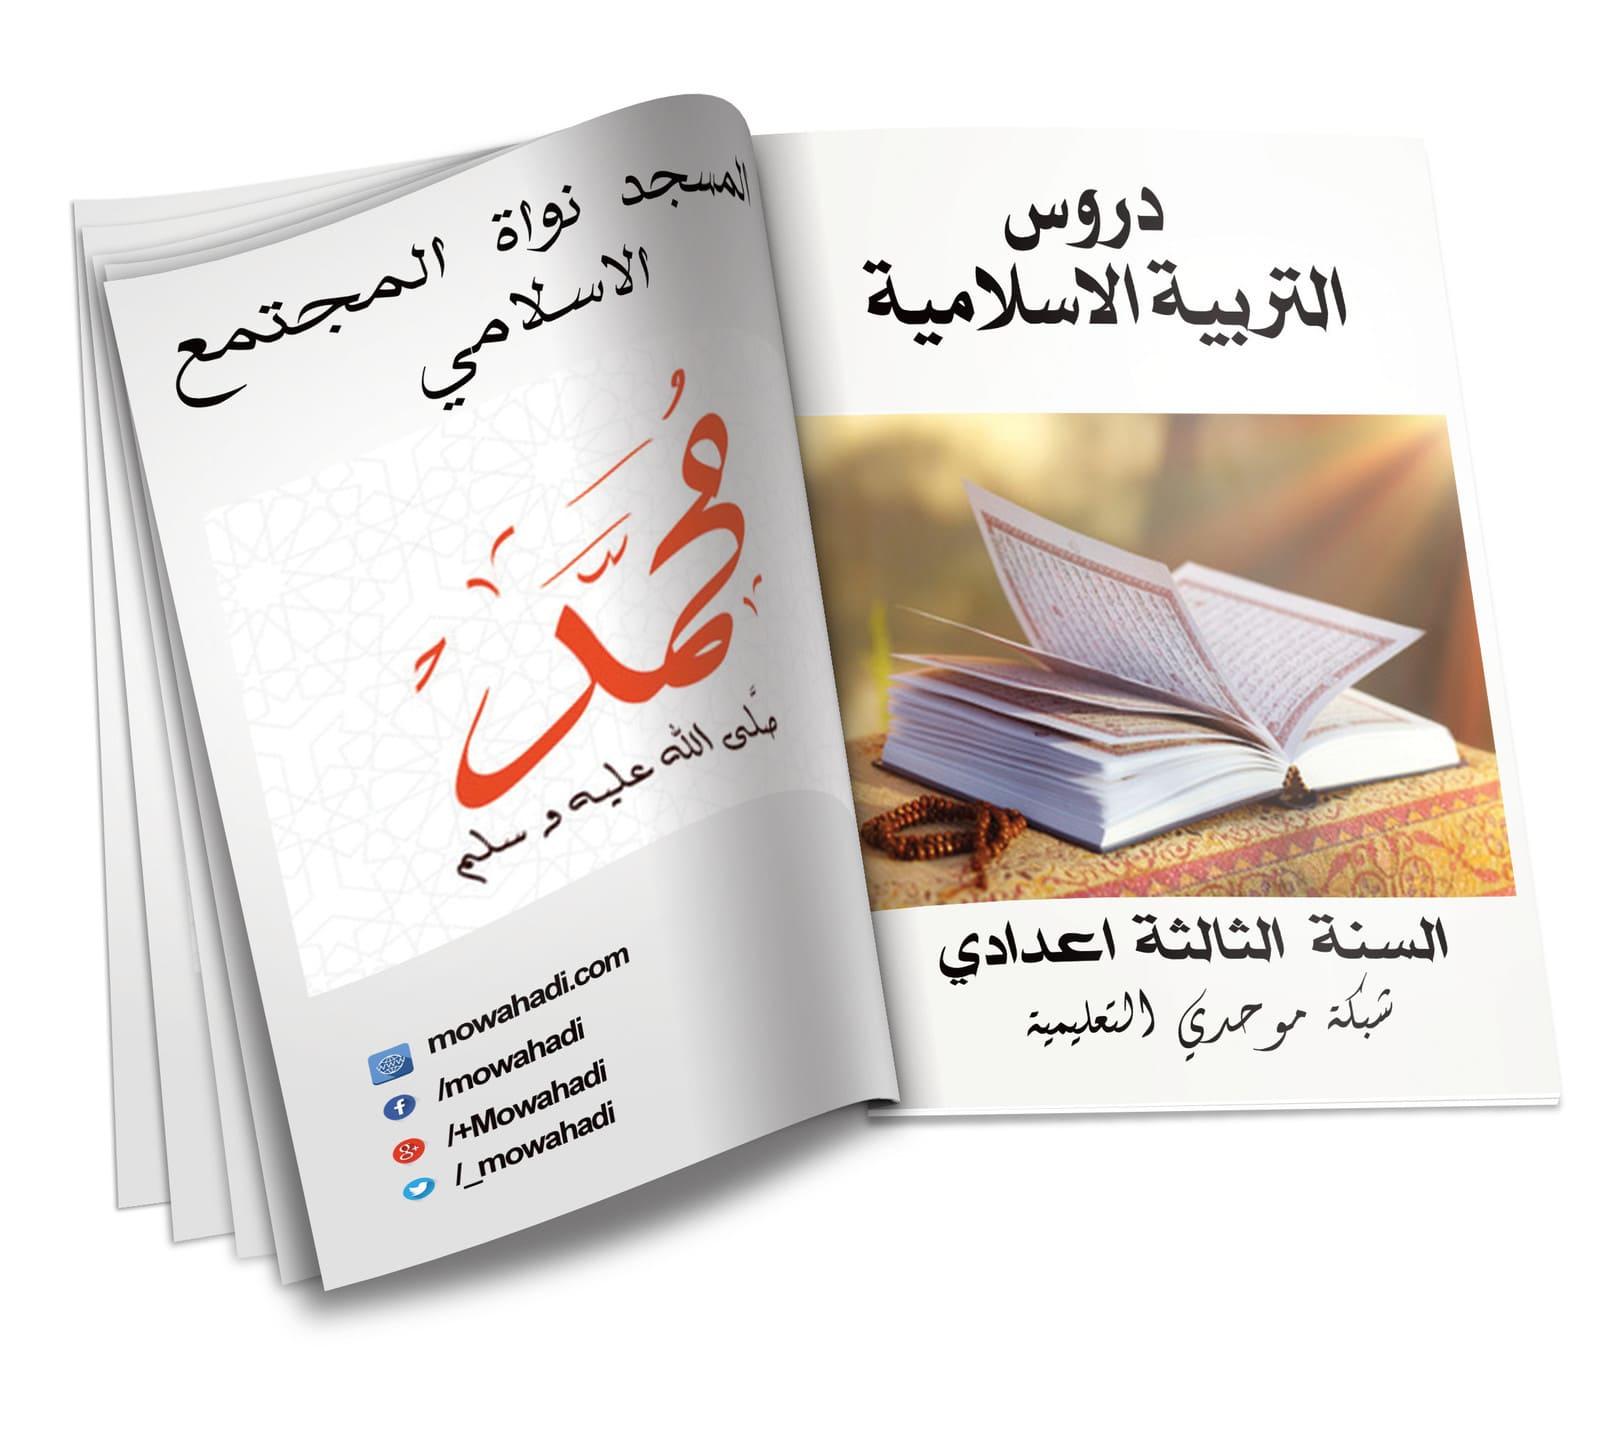 المسجد نواة المجتمع الإسلامي